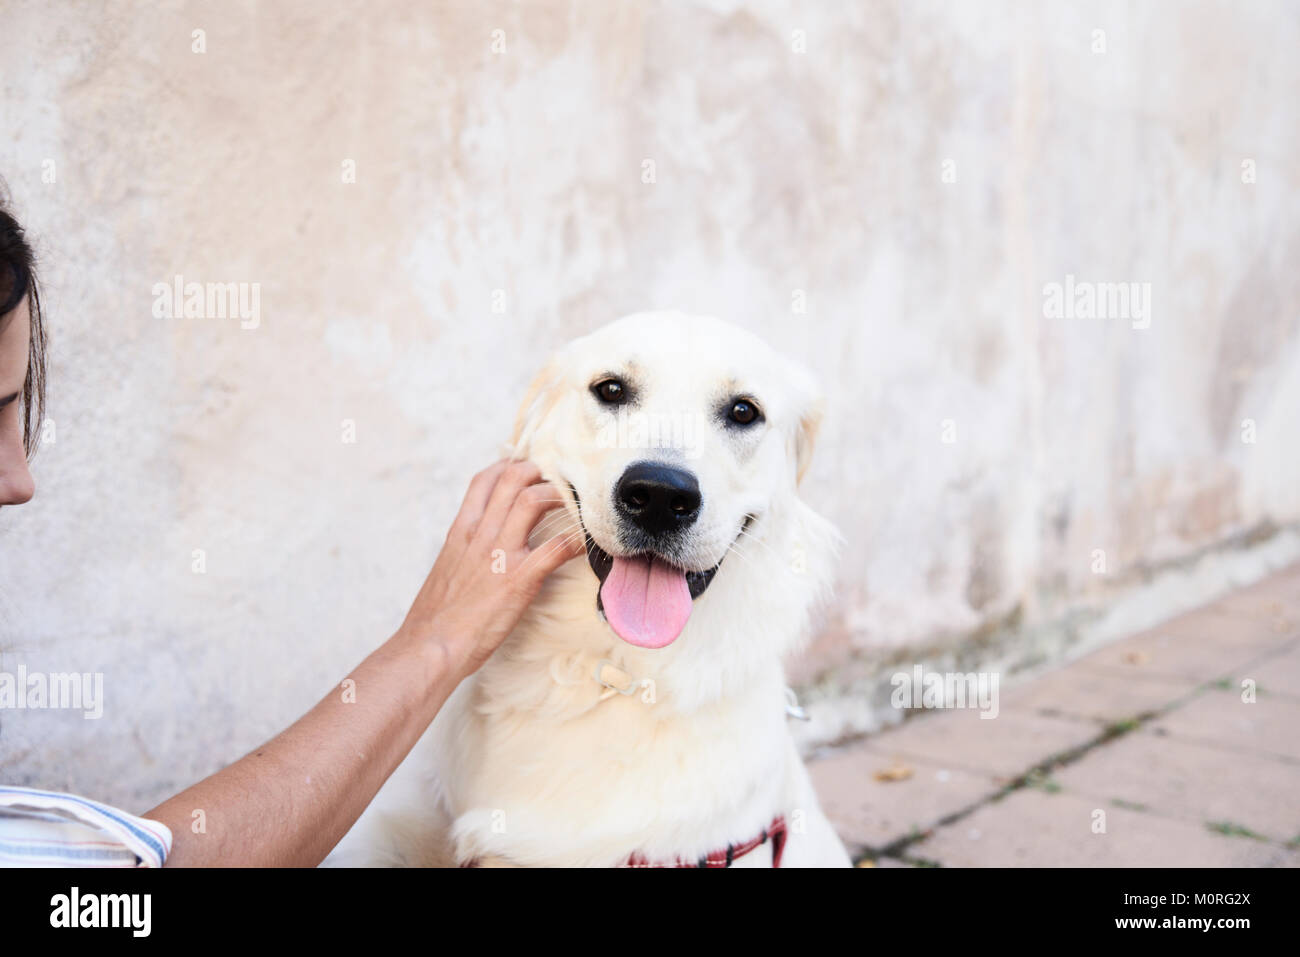 Ragazza giovane dando coccole per un Golden cane in strada contro la parete di color pastello. Immagini Stock